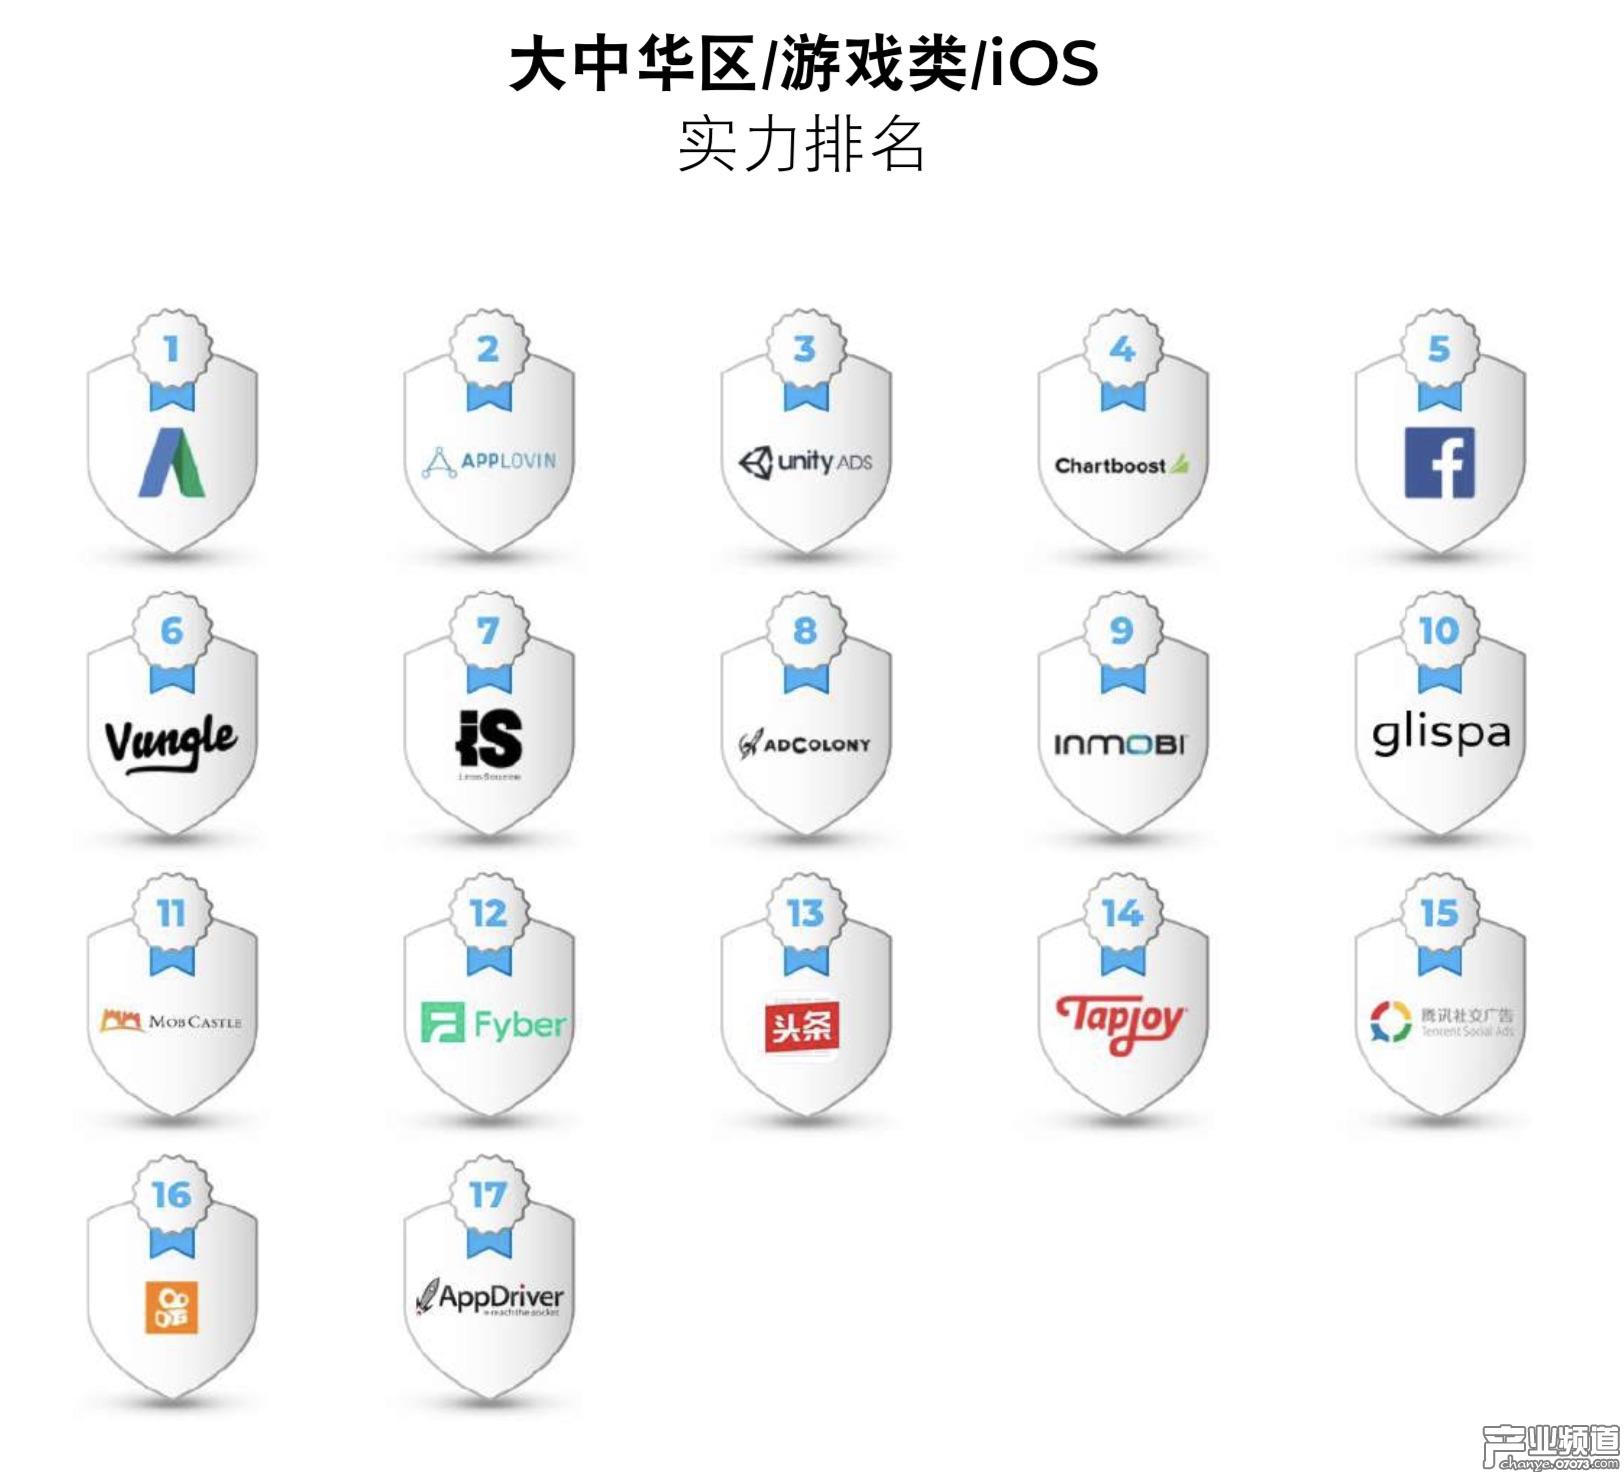 大中华区iOS游戏类实力排行